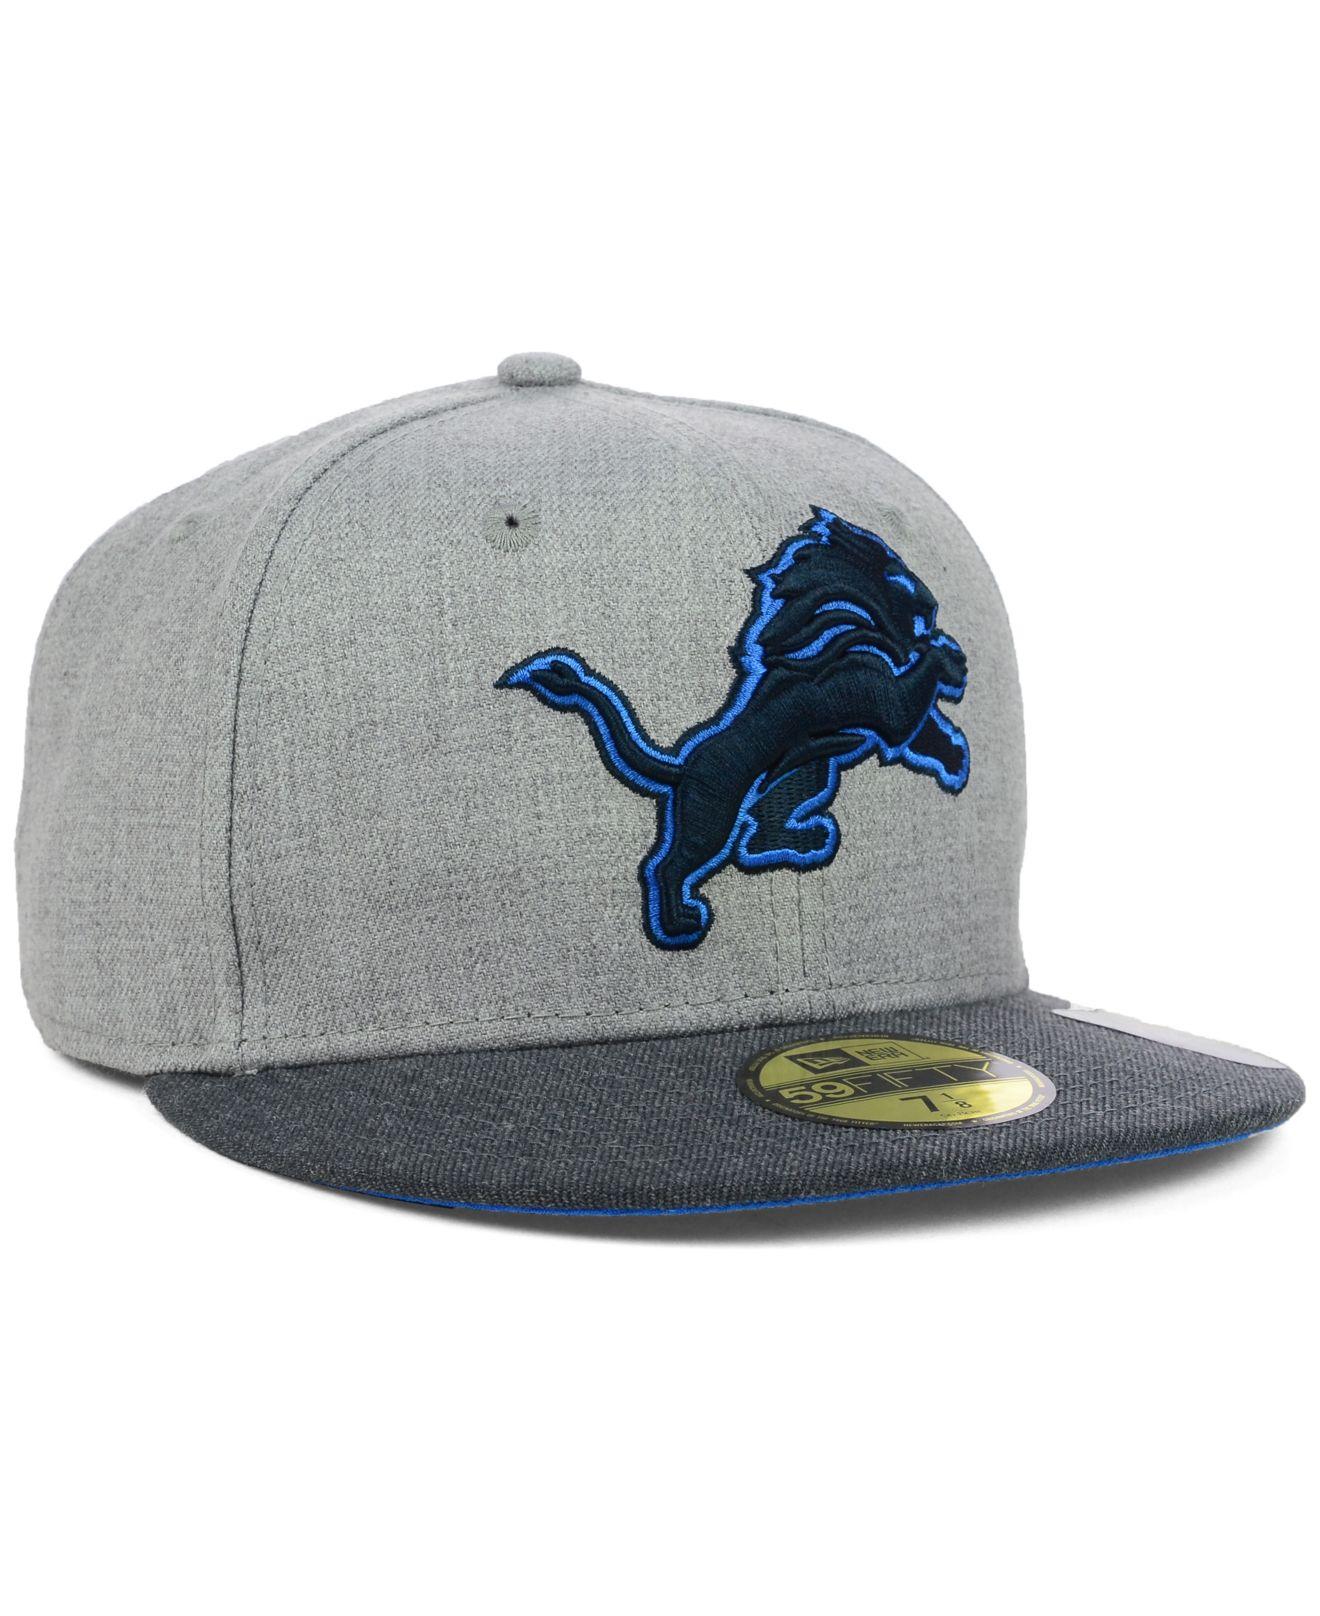 bdc5706e greece detroit lions golf hat 7edf7 b4663